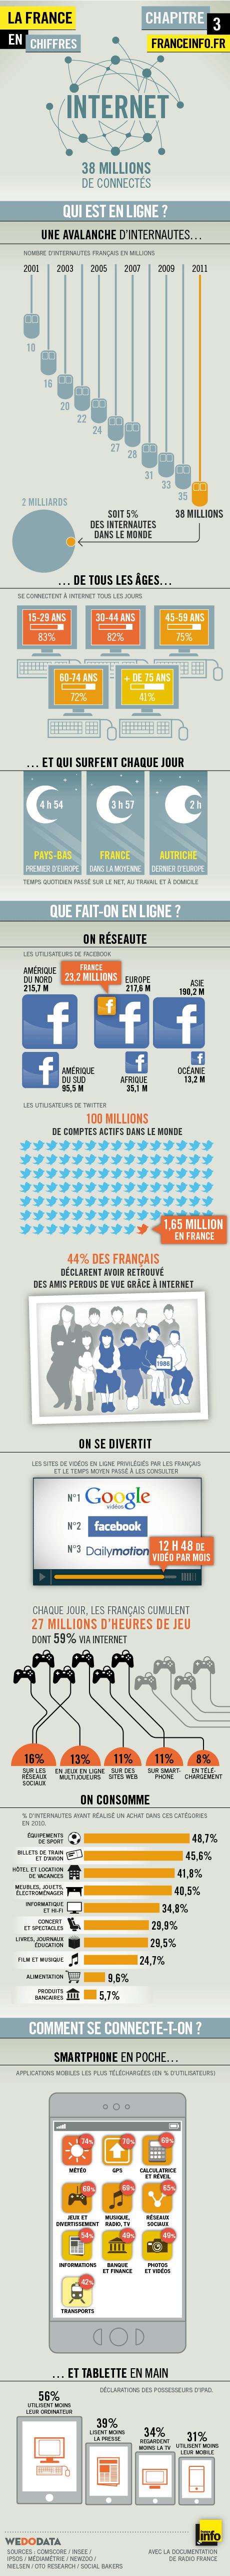 Internet francais statistiques - Les français et l'Internet en quelques chiffres